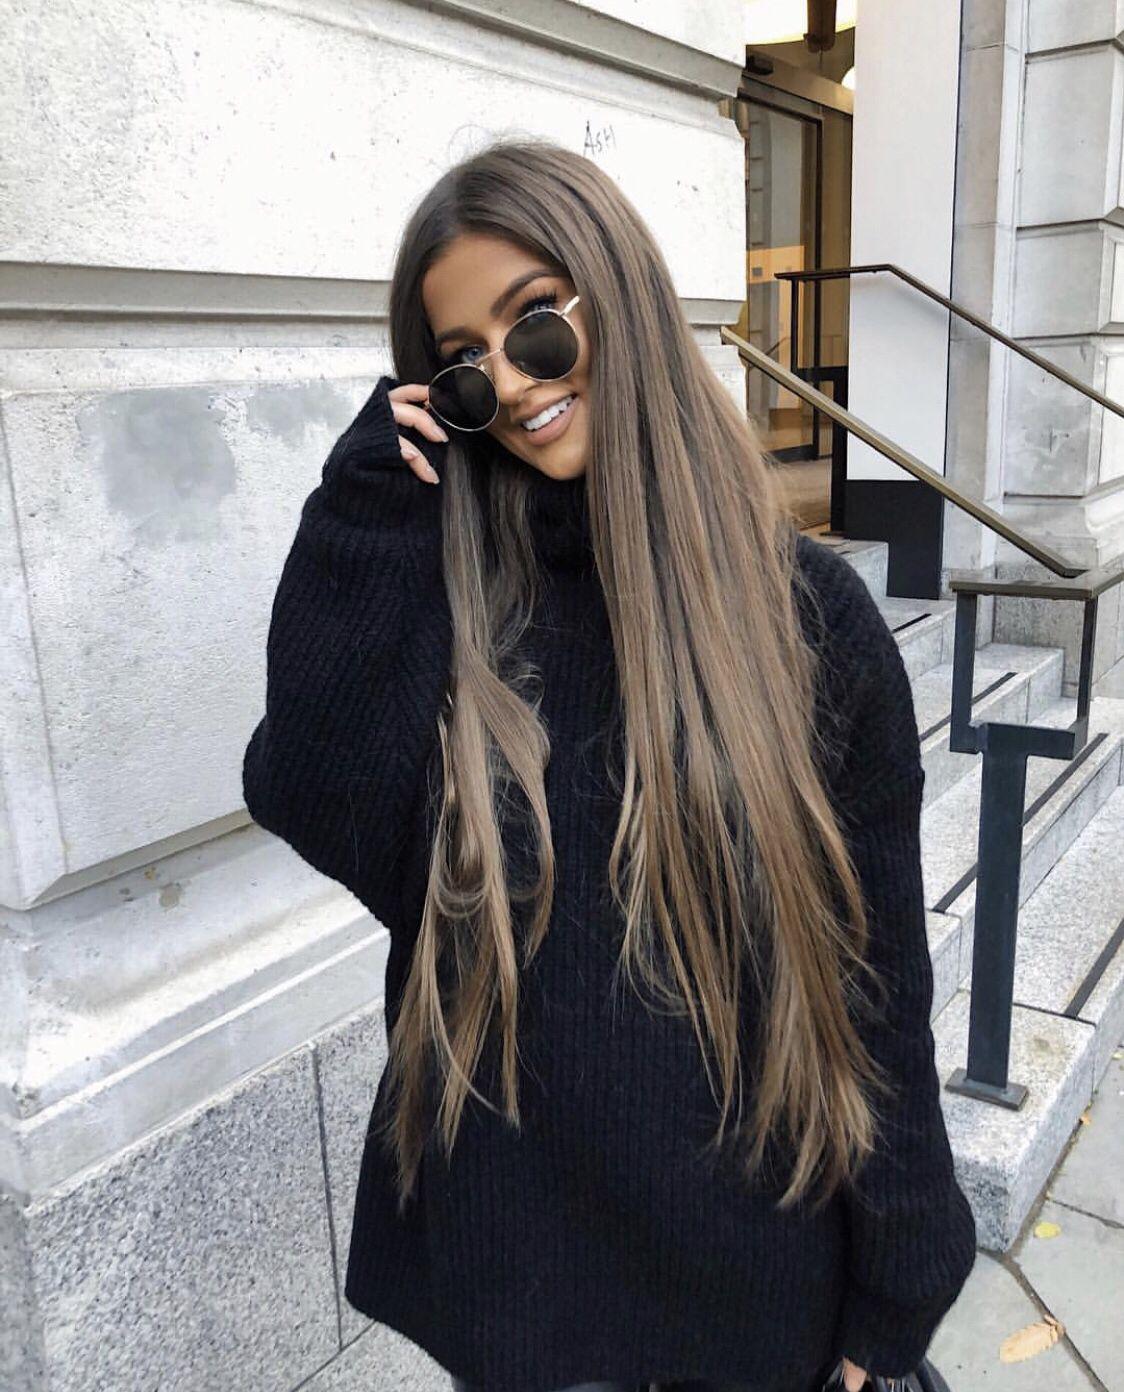 Waist Length Hair Model Ideas